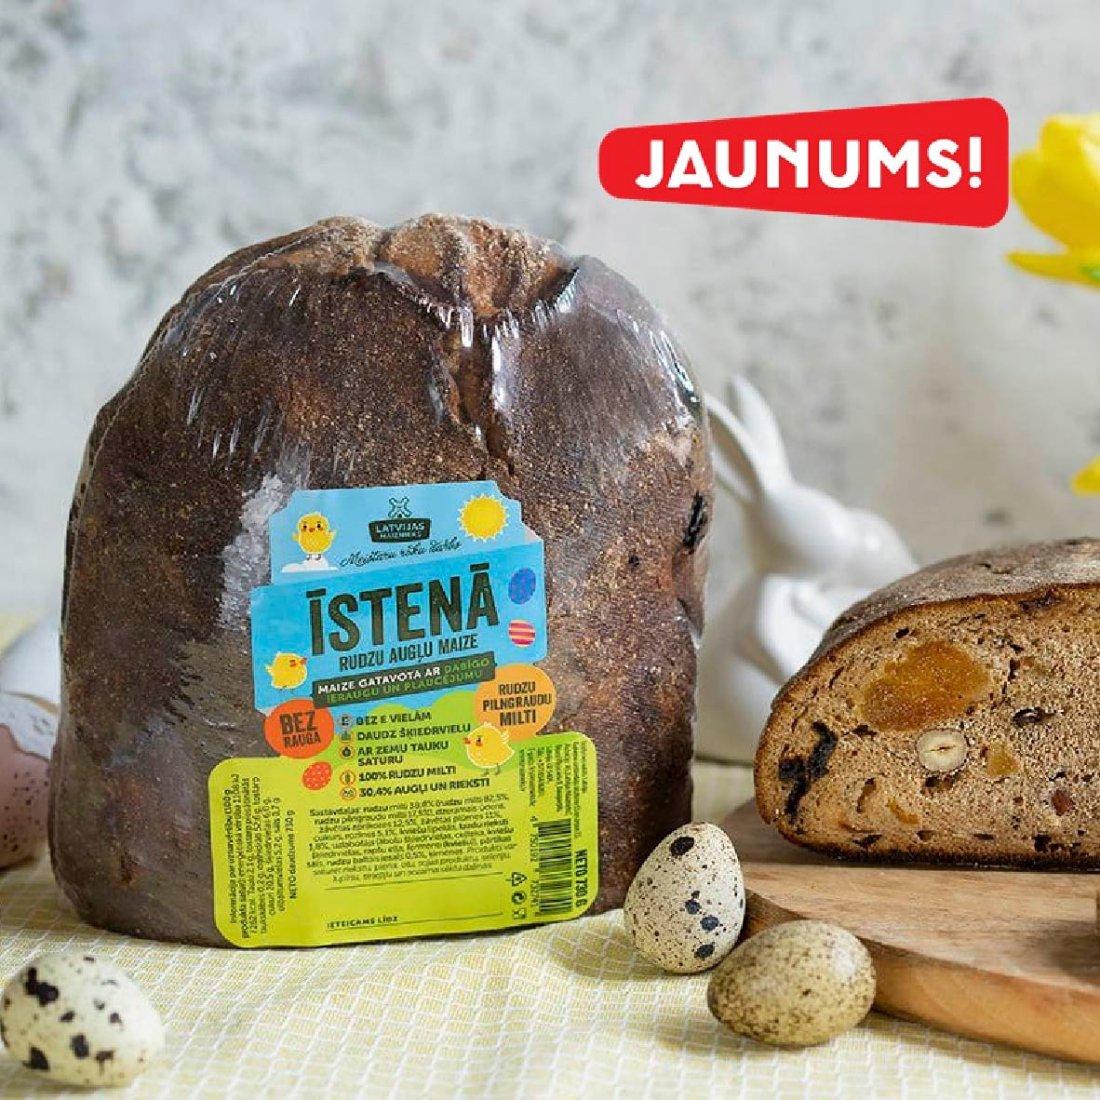 JAUNUMS! ĪSTENĀ rudzu augļu maize